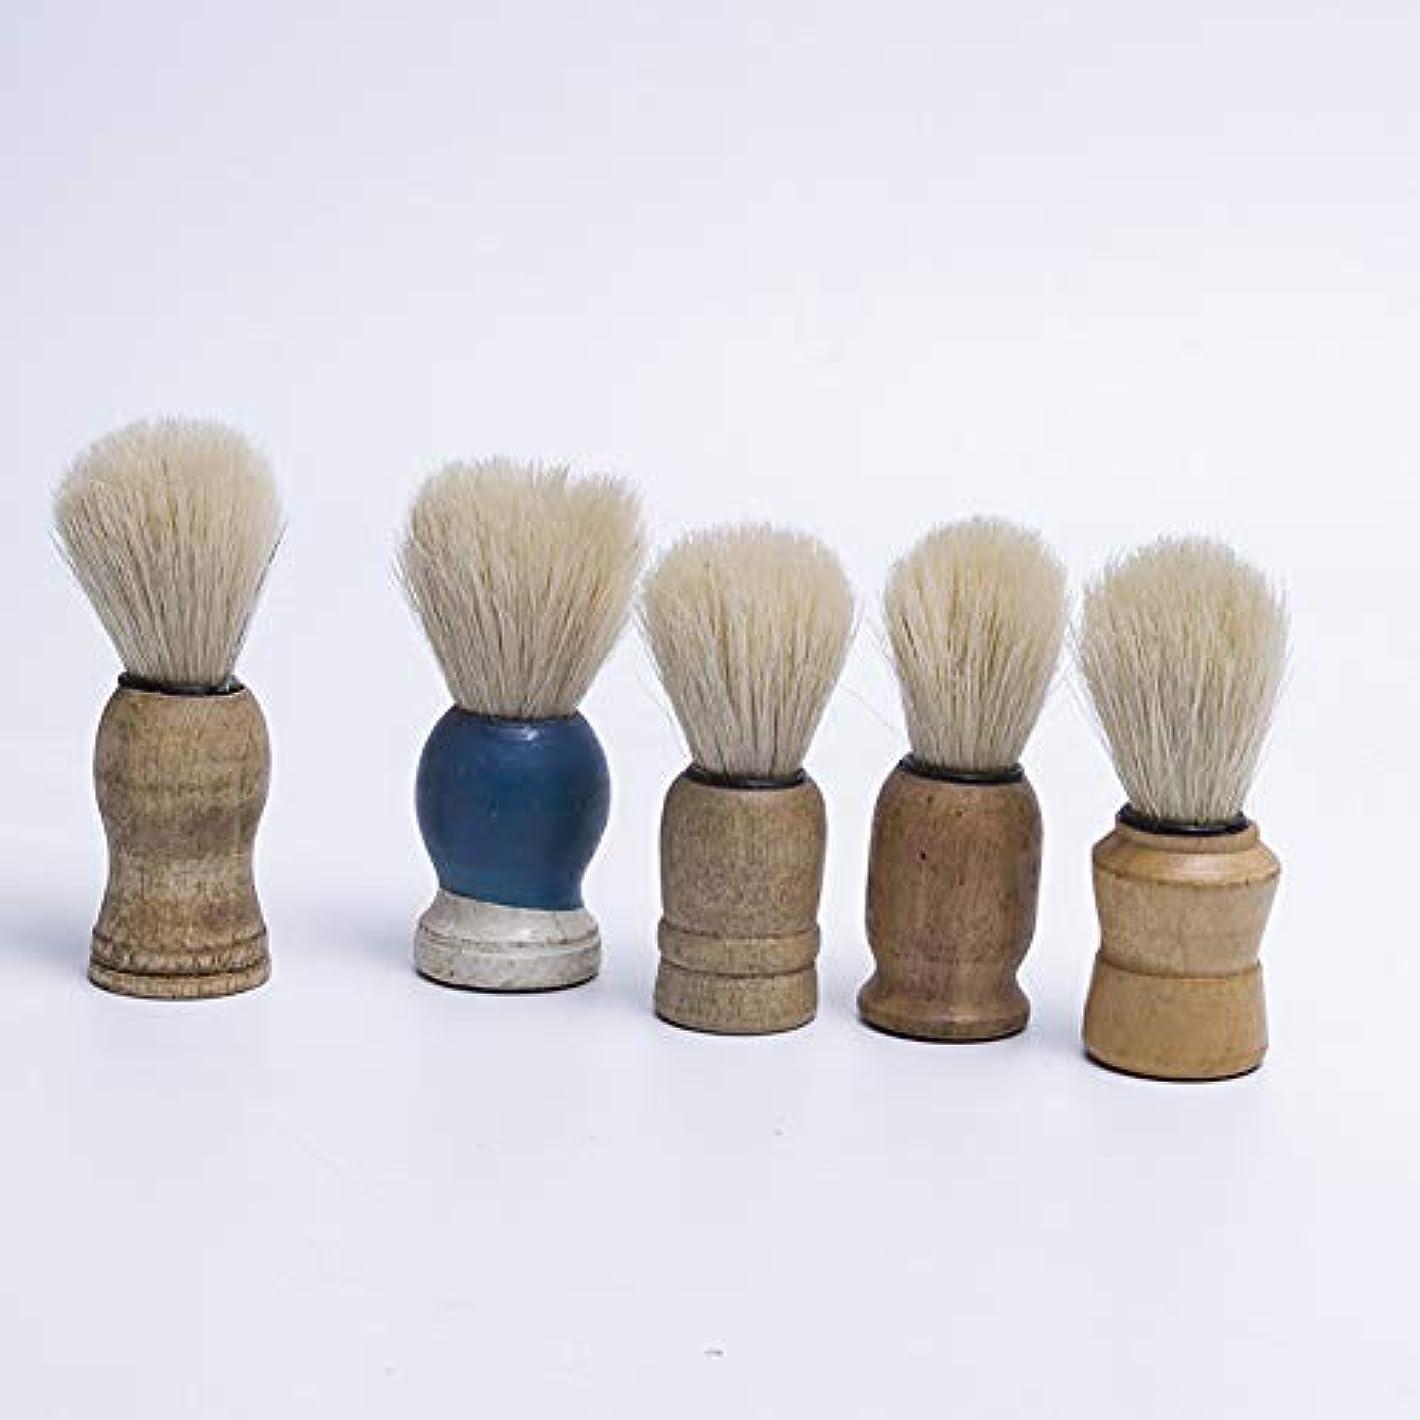 学んだ和なのでACHICOO 木製 ハンドルが付いている人 髭そり ブラシ 大広間 クリーニング 電気器具 剃毛用具 ブラシを剃っている人